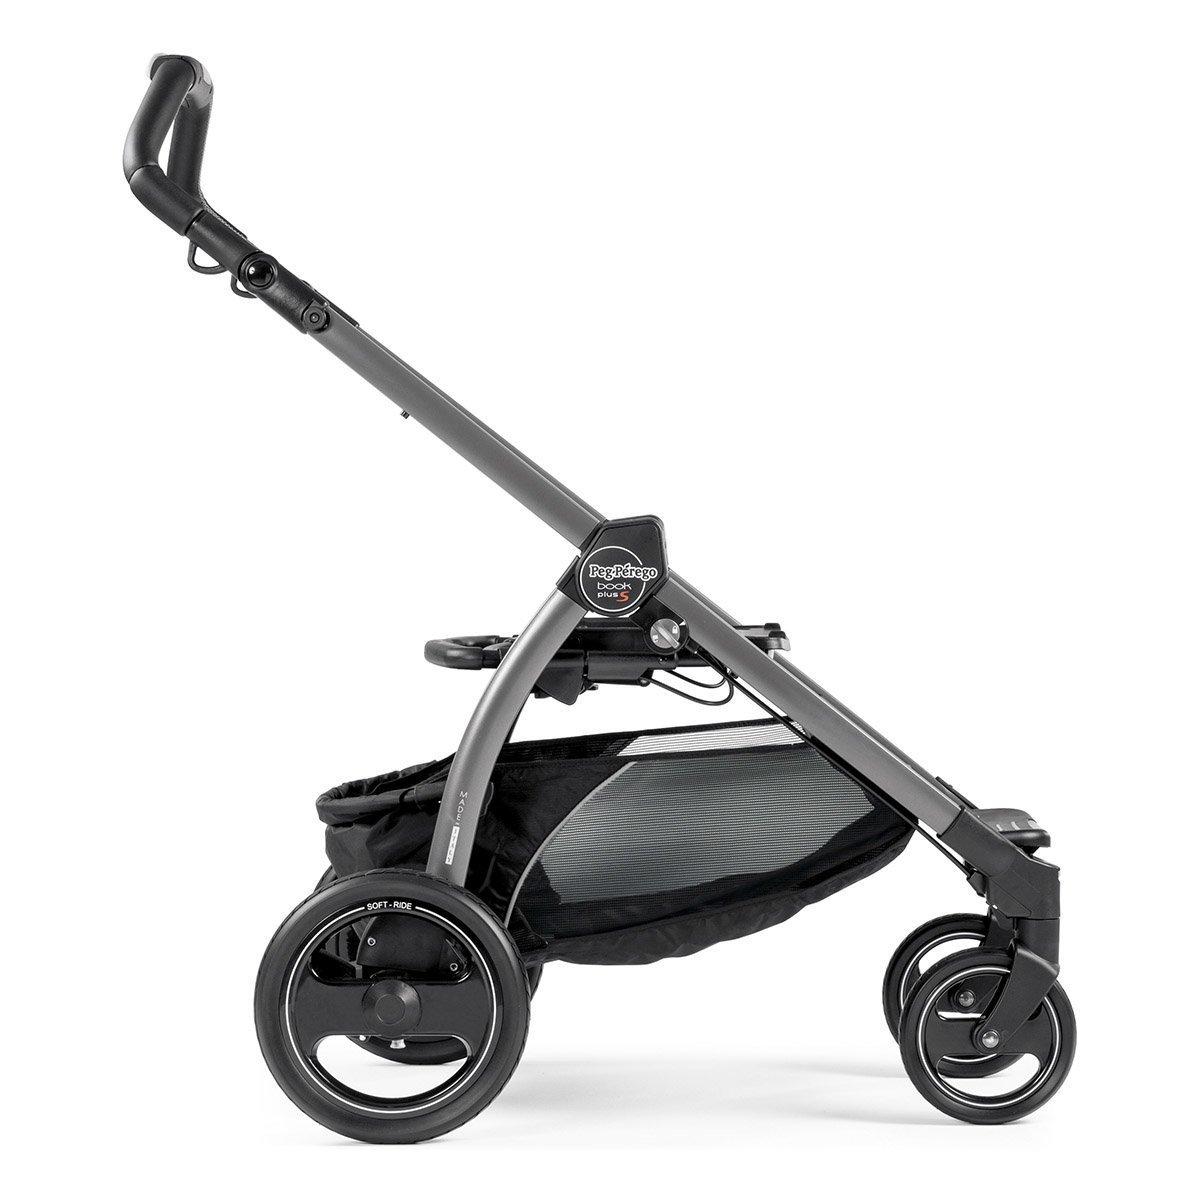 Купить Аксессуары для колясок, Шасси Peg-Perego Book Plus S grey ICBO0100NL77 ТМ: Peg-Perego, серый